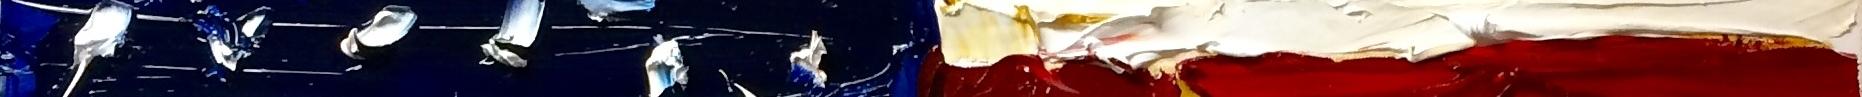 usaflag2.jpg